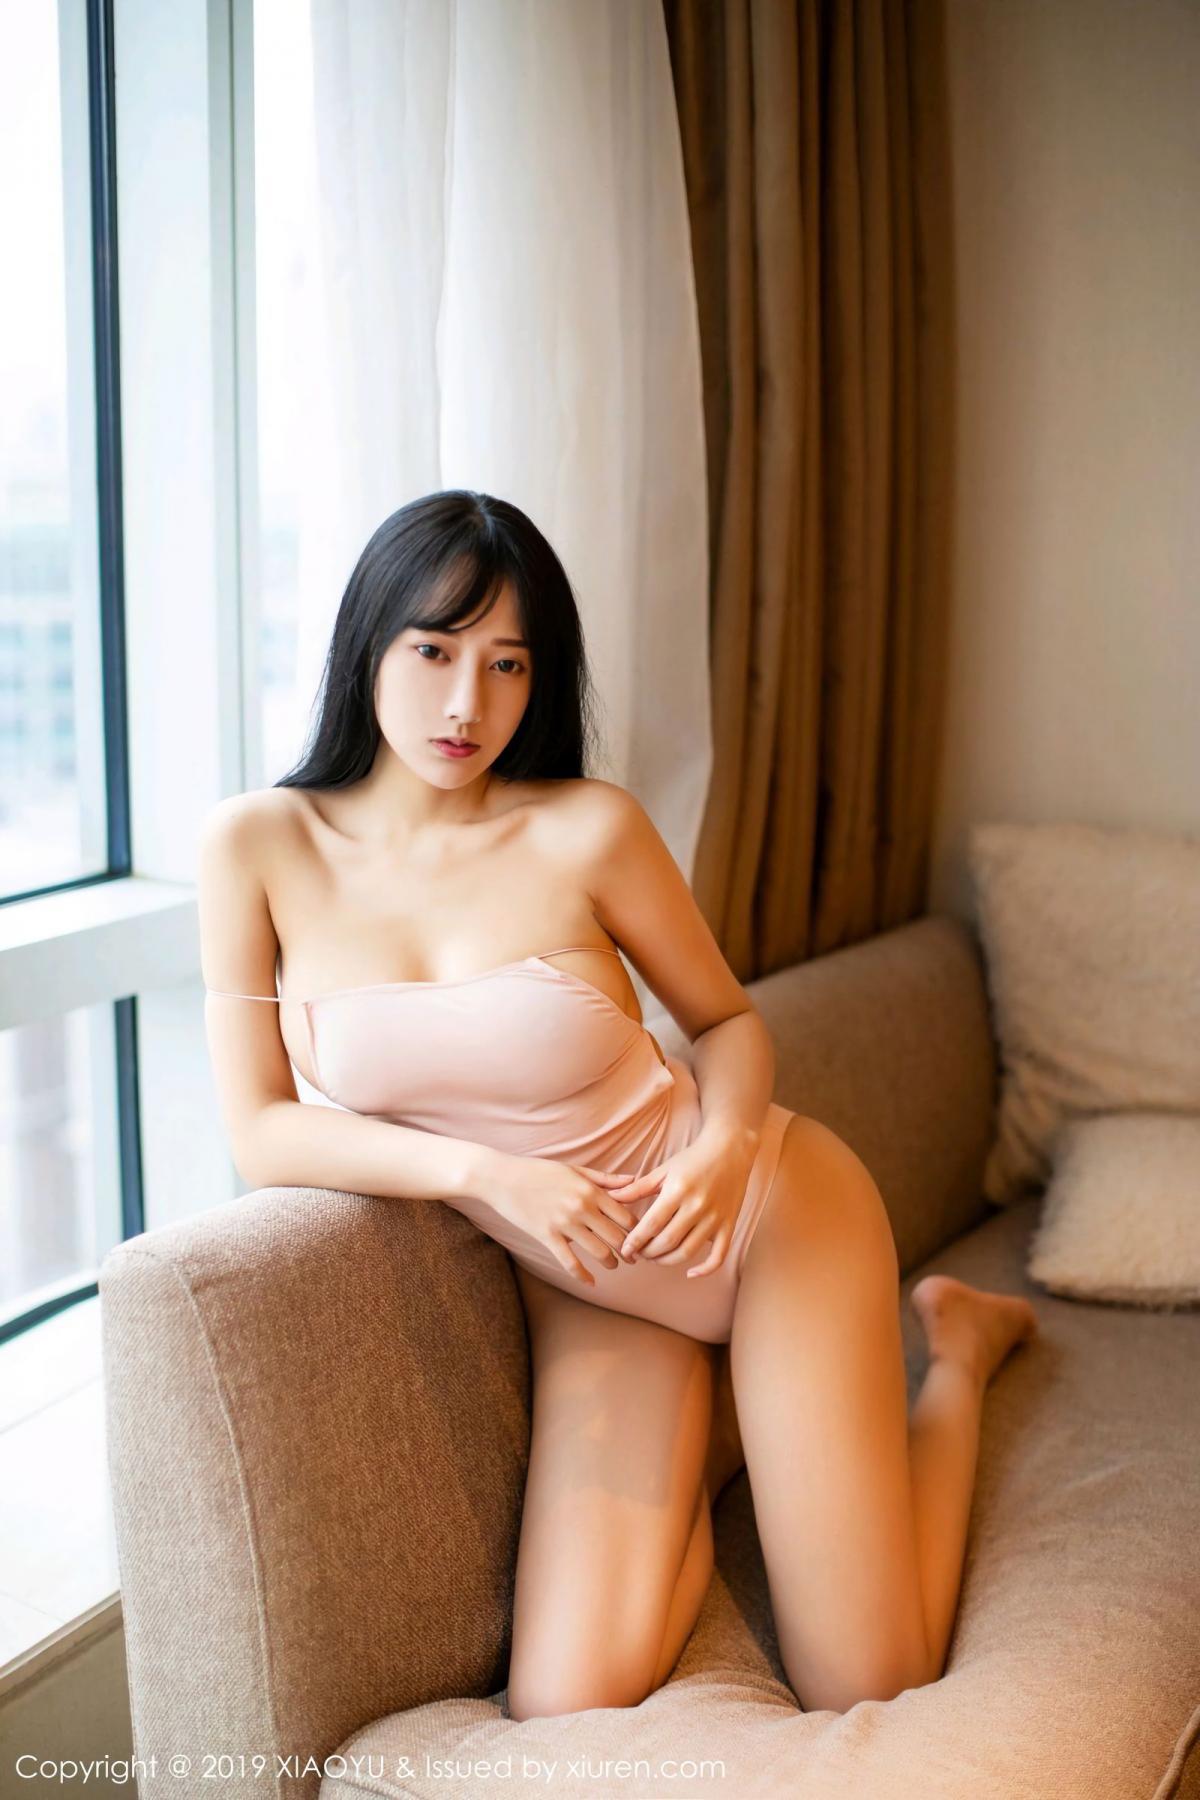 [XiaoYu] Vol.097 He Jia Ying 36P, He Jia Ying, Tall, XiaoYu